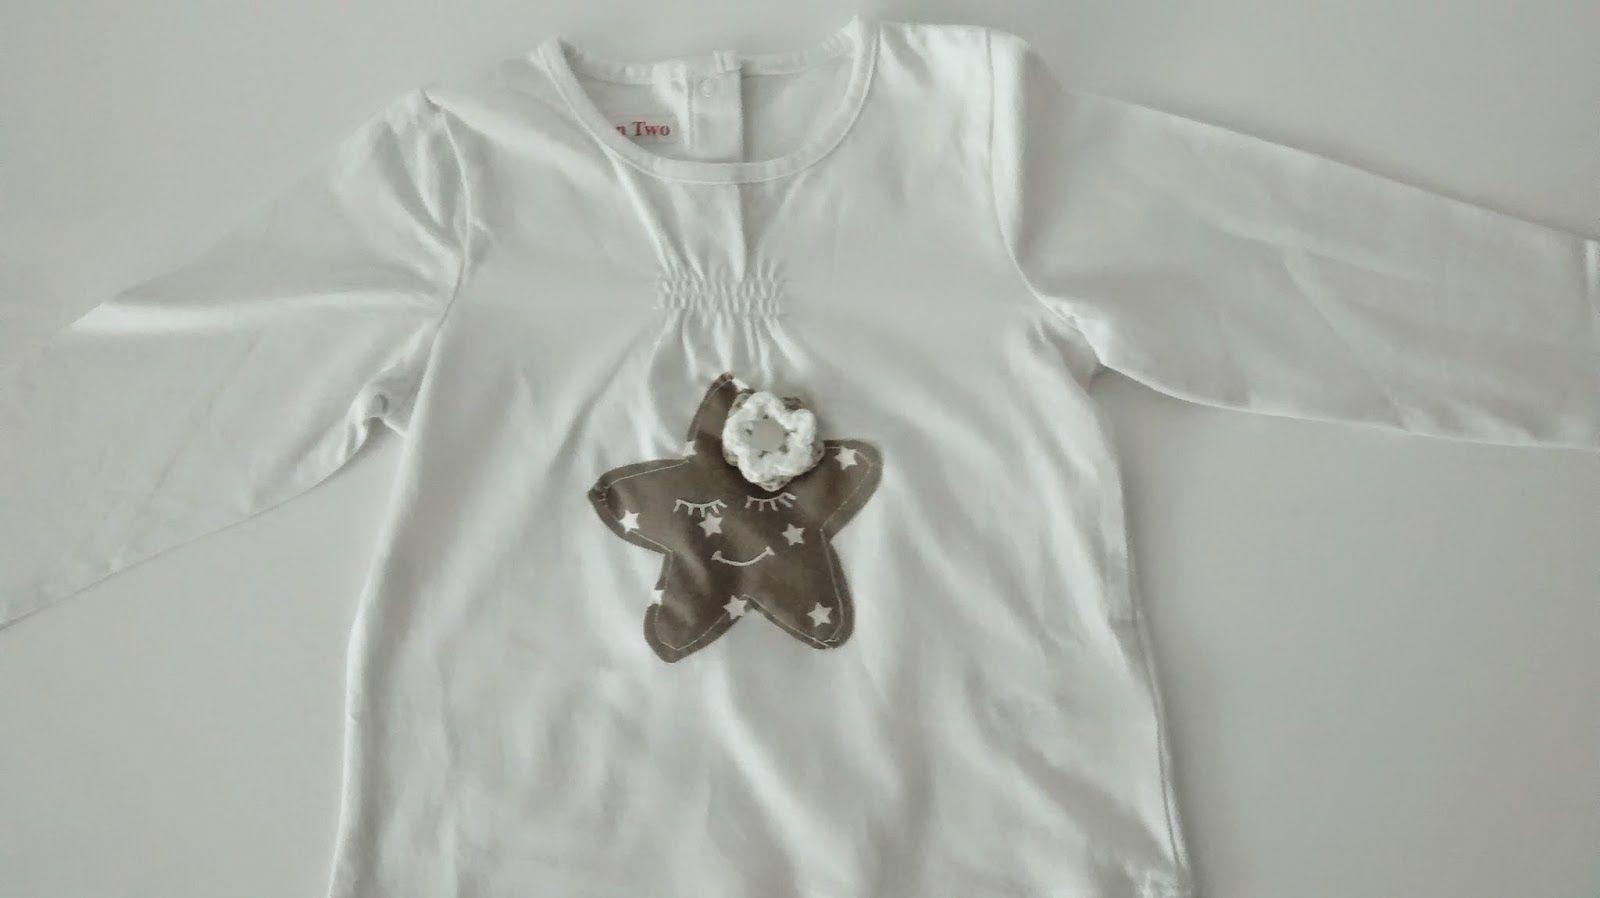 Between Two : Camiseta estrella niña